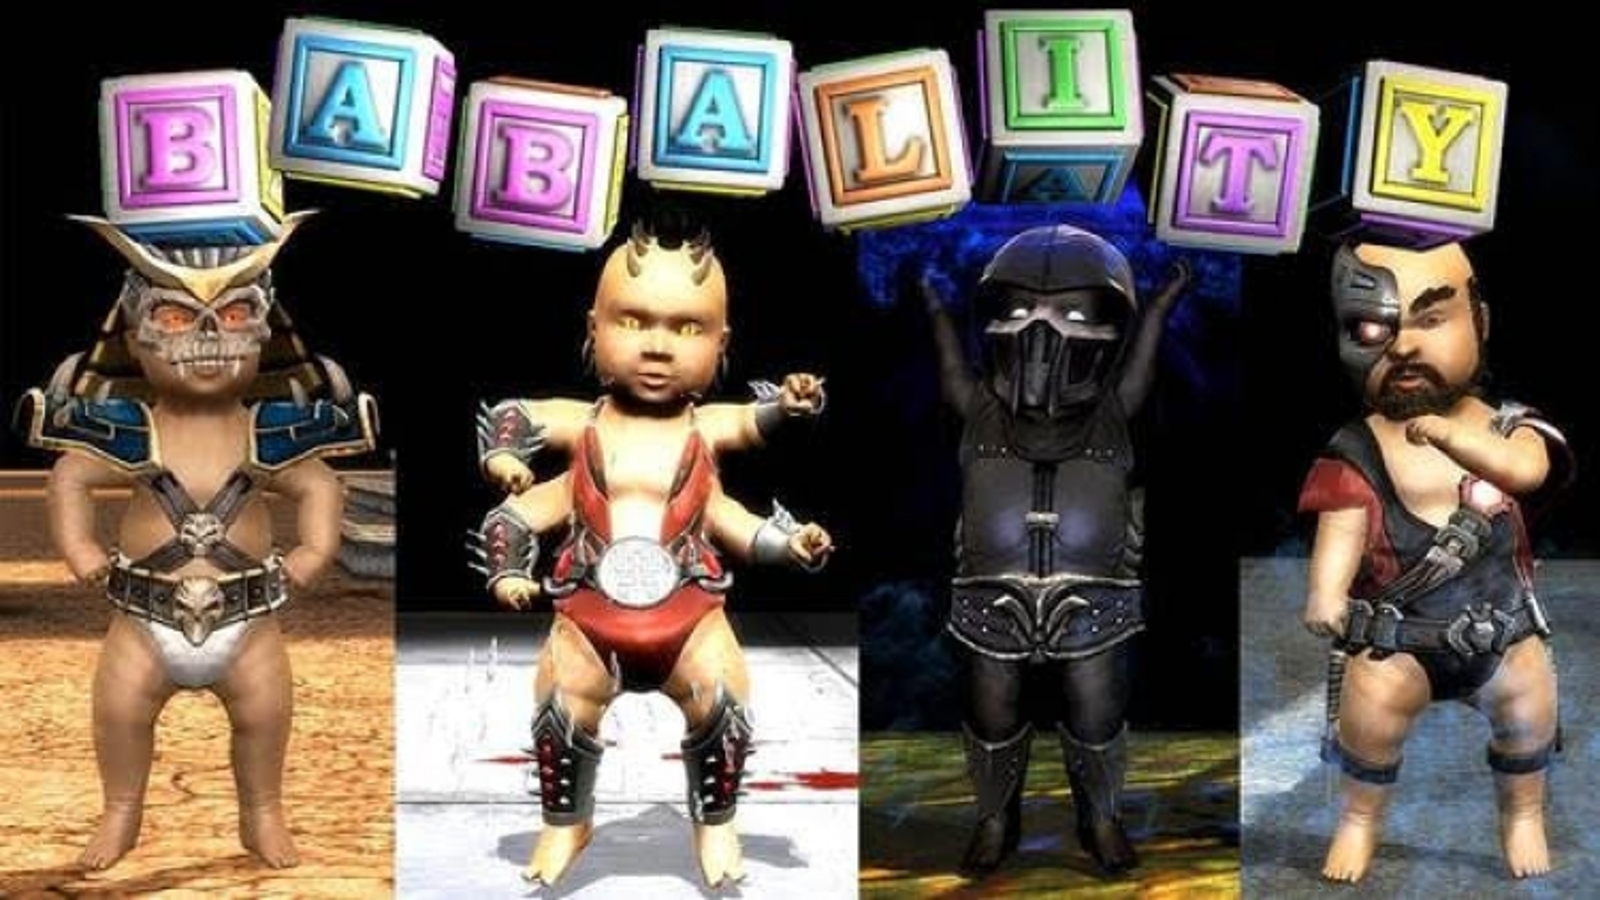 """Những điều thú vị xoay quanh """"Mortal Kombat"""" chuẩn bị công phá màn ảnh rộng tháng 4"""